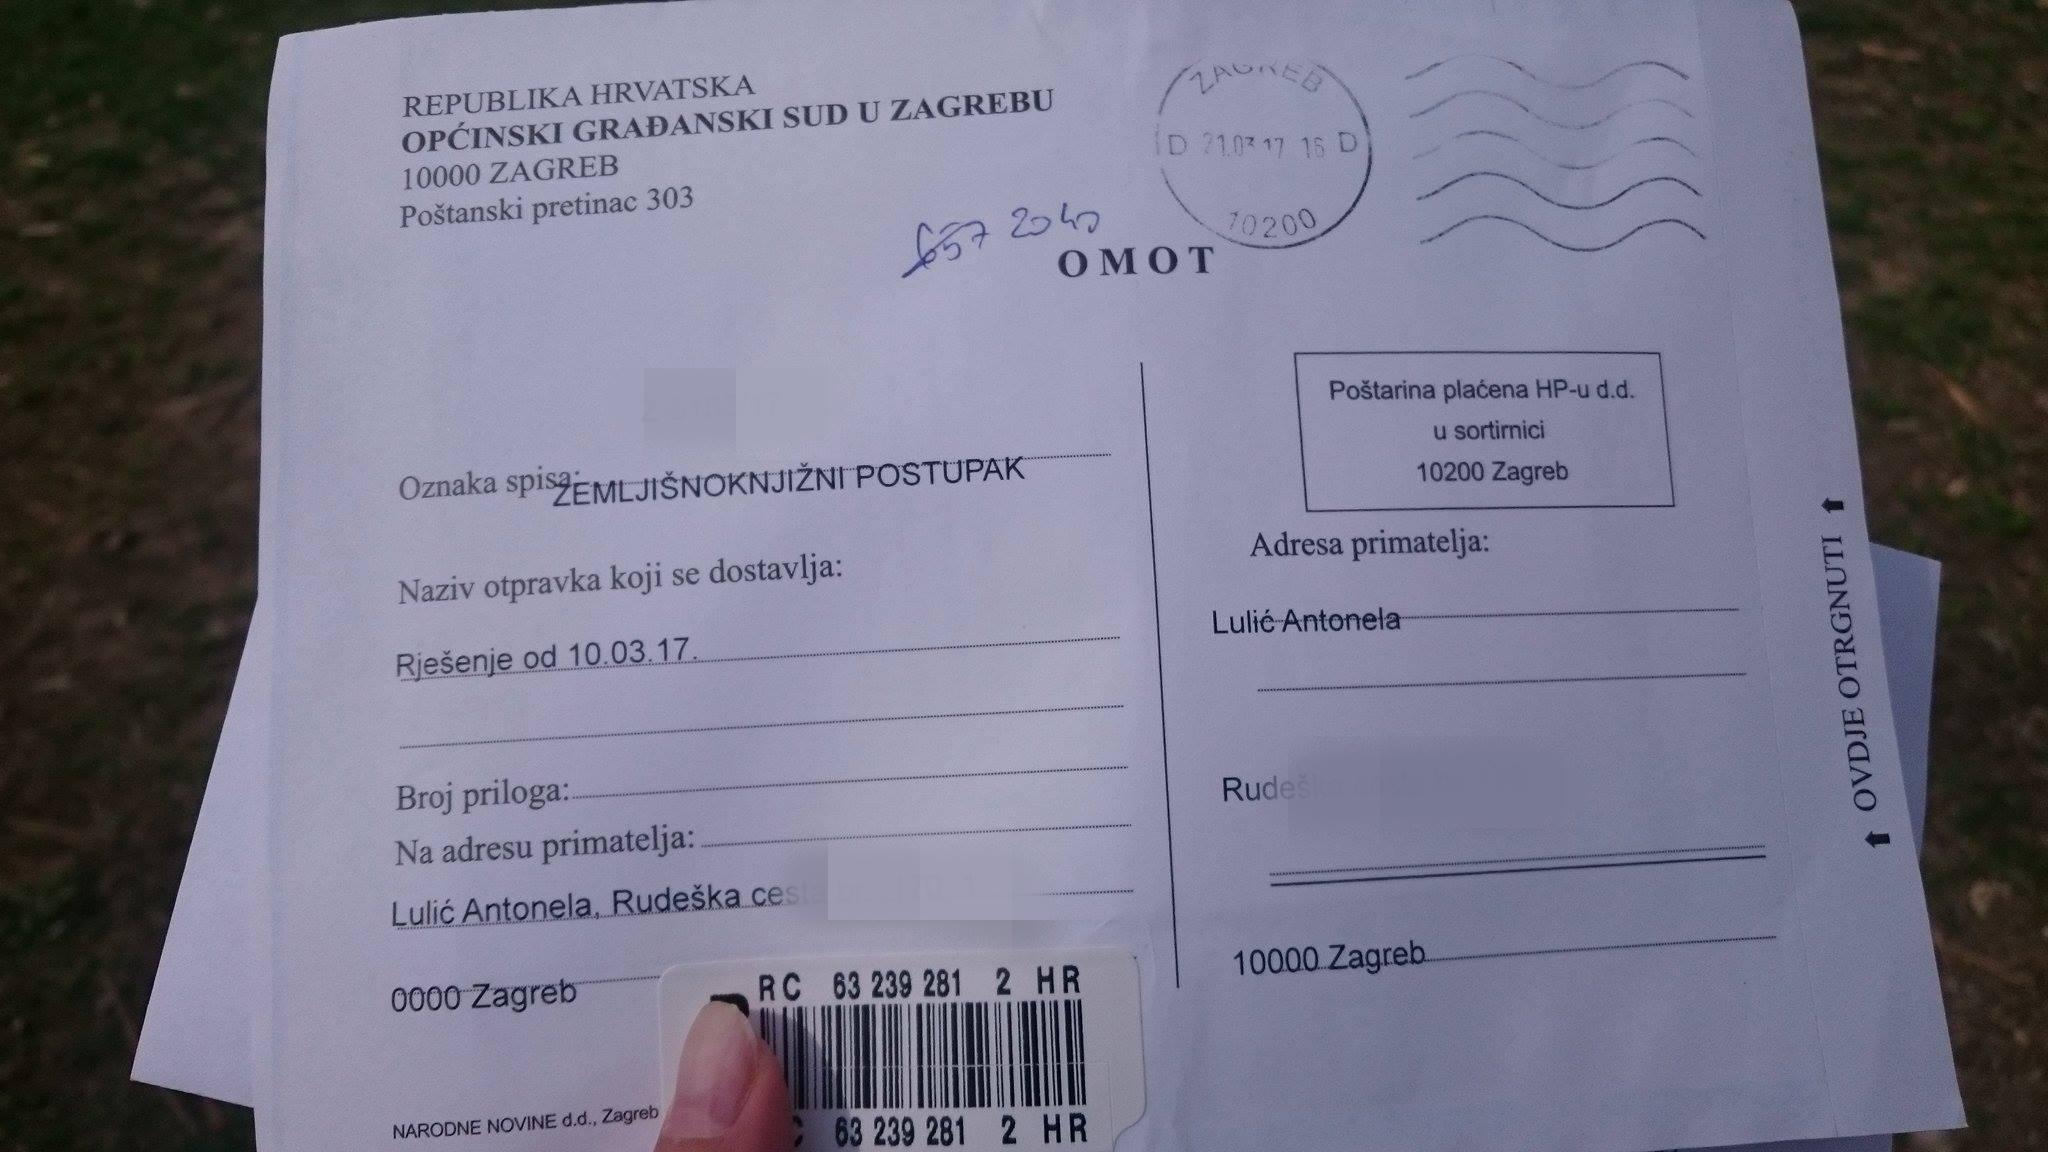 """Photo of KĆER OVO NIJE ZASLUŽILA """"Otac milijunaš tjera mene i bolesnu majku iz stana!"""""""